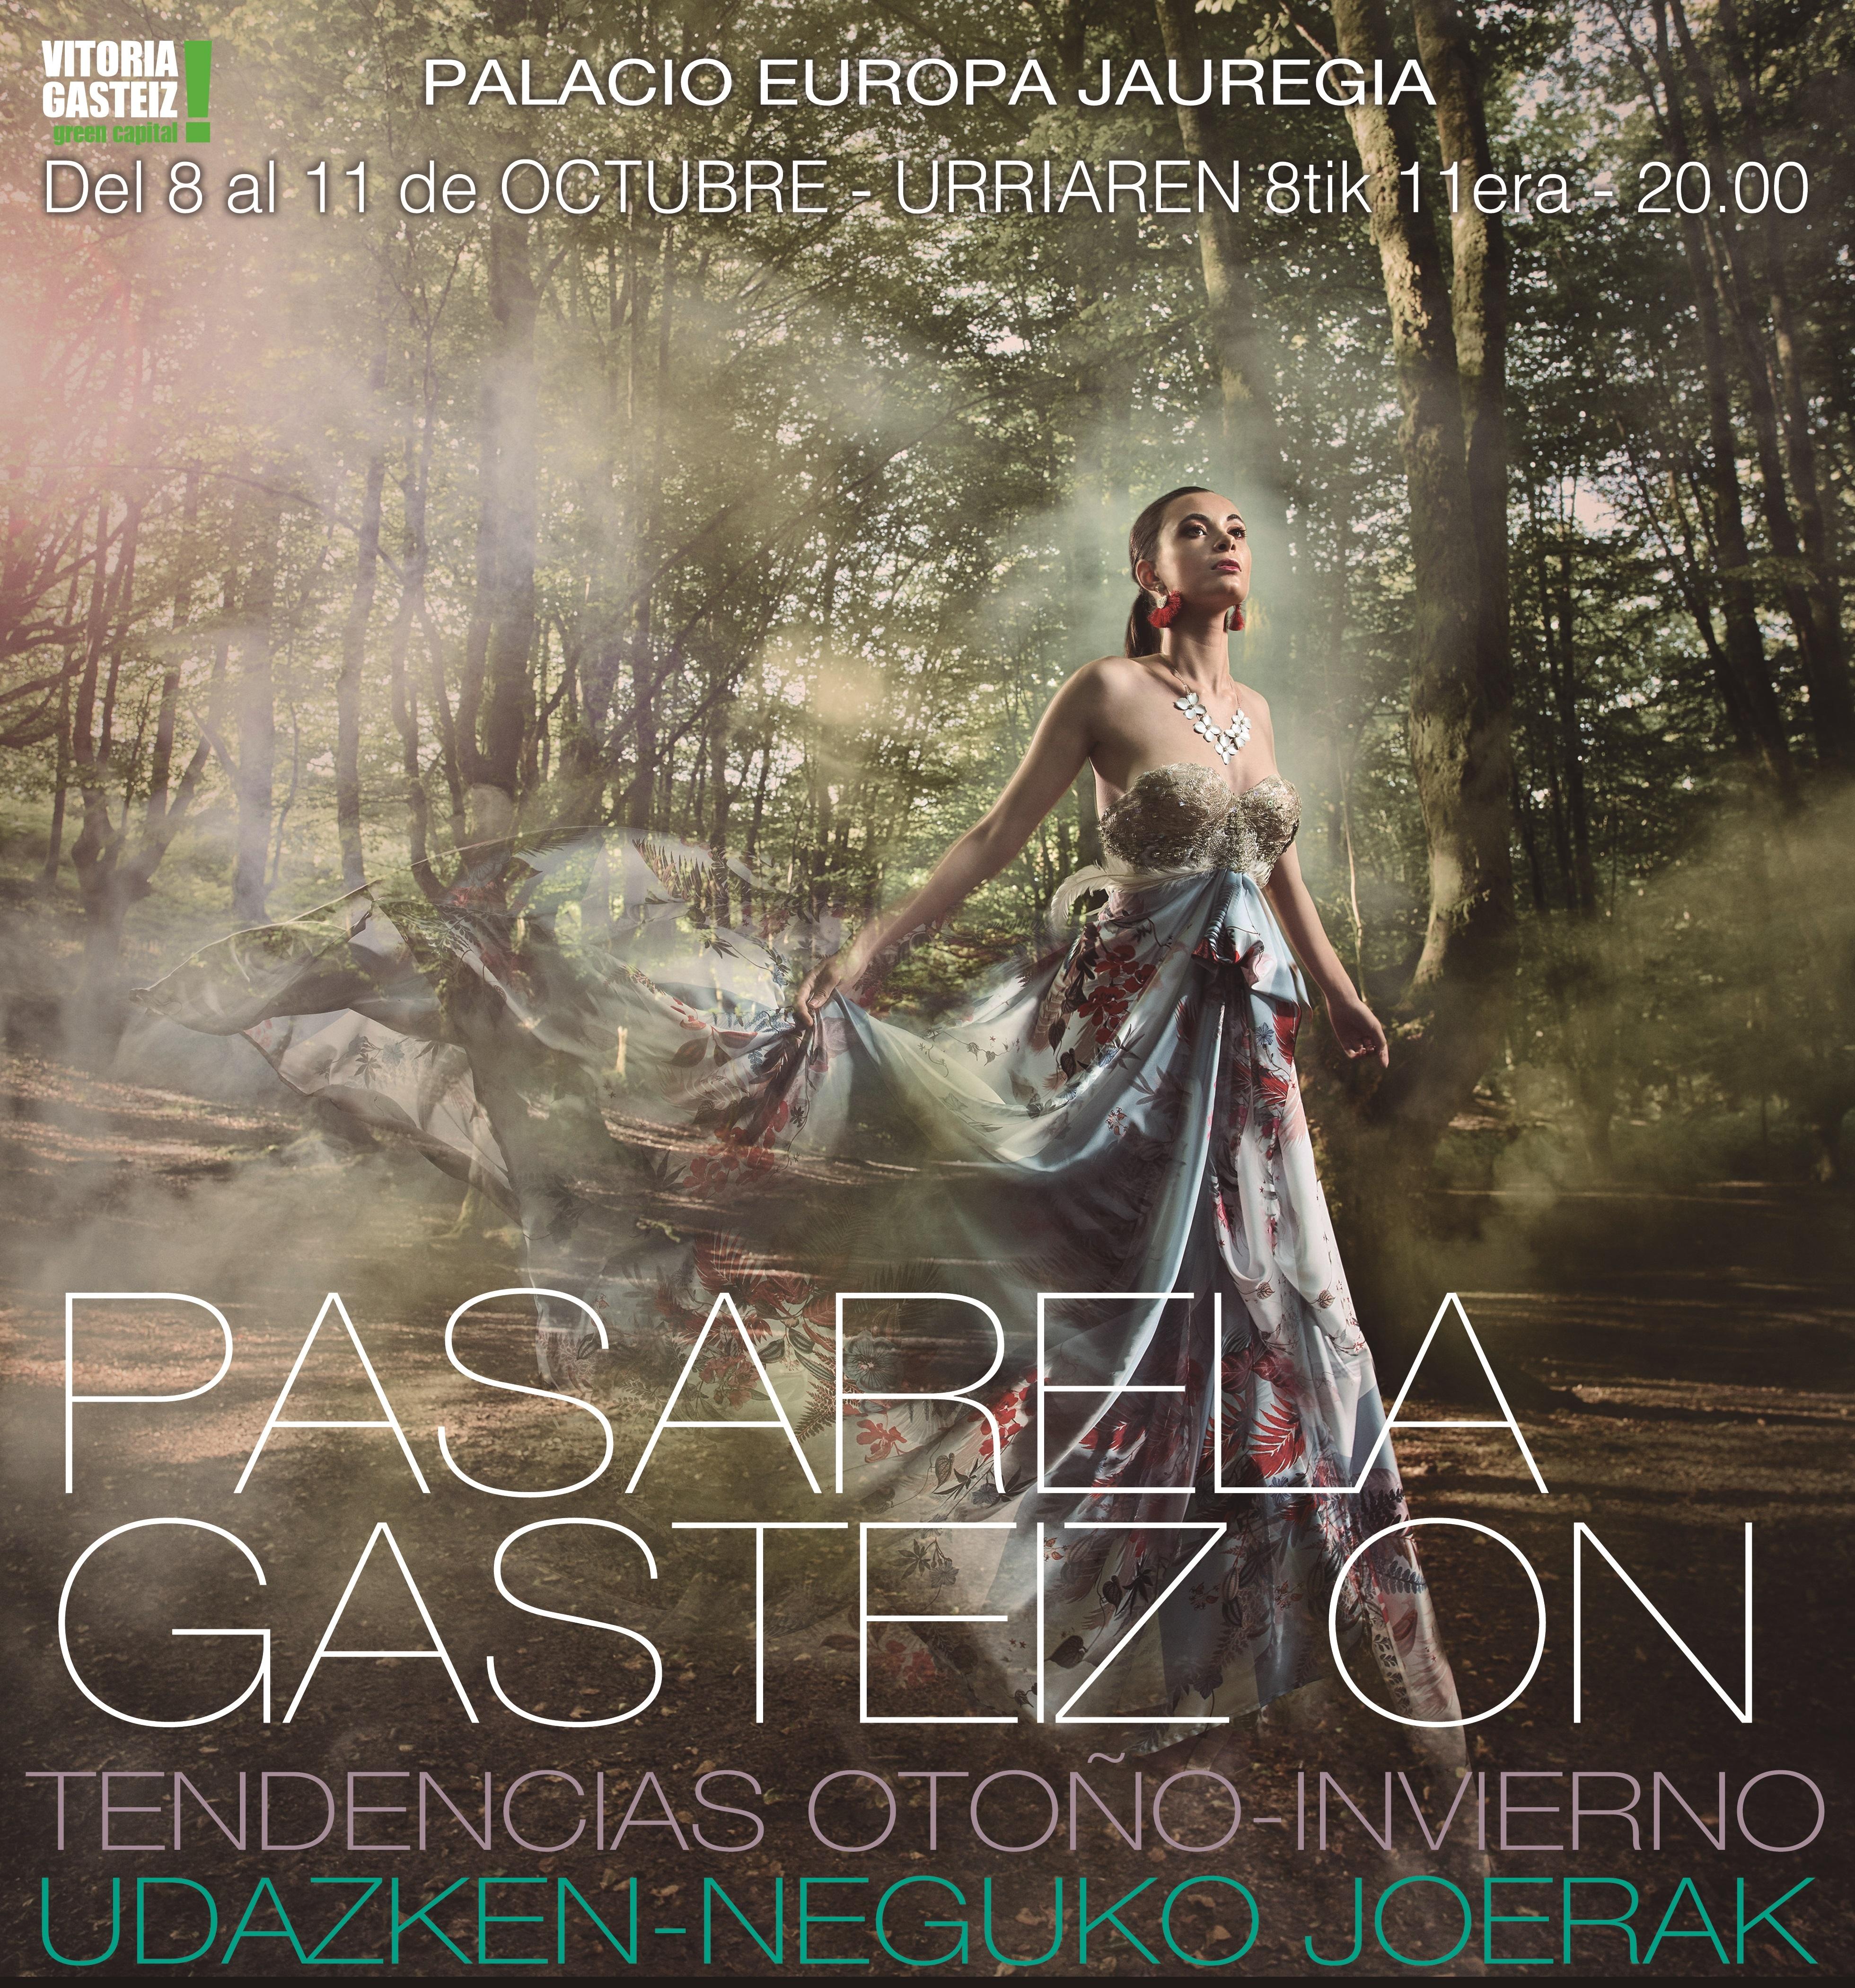 EL PALACIO DE CONGRESO EUROPA  ACOGERA DEL 8 AL 11 LA XXXVI PASARELA DE MODA GASTEIZ ON